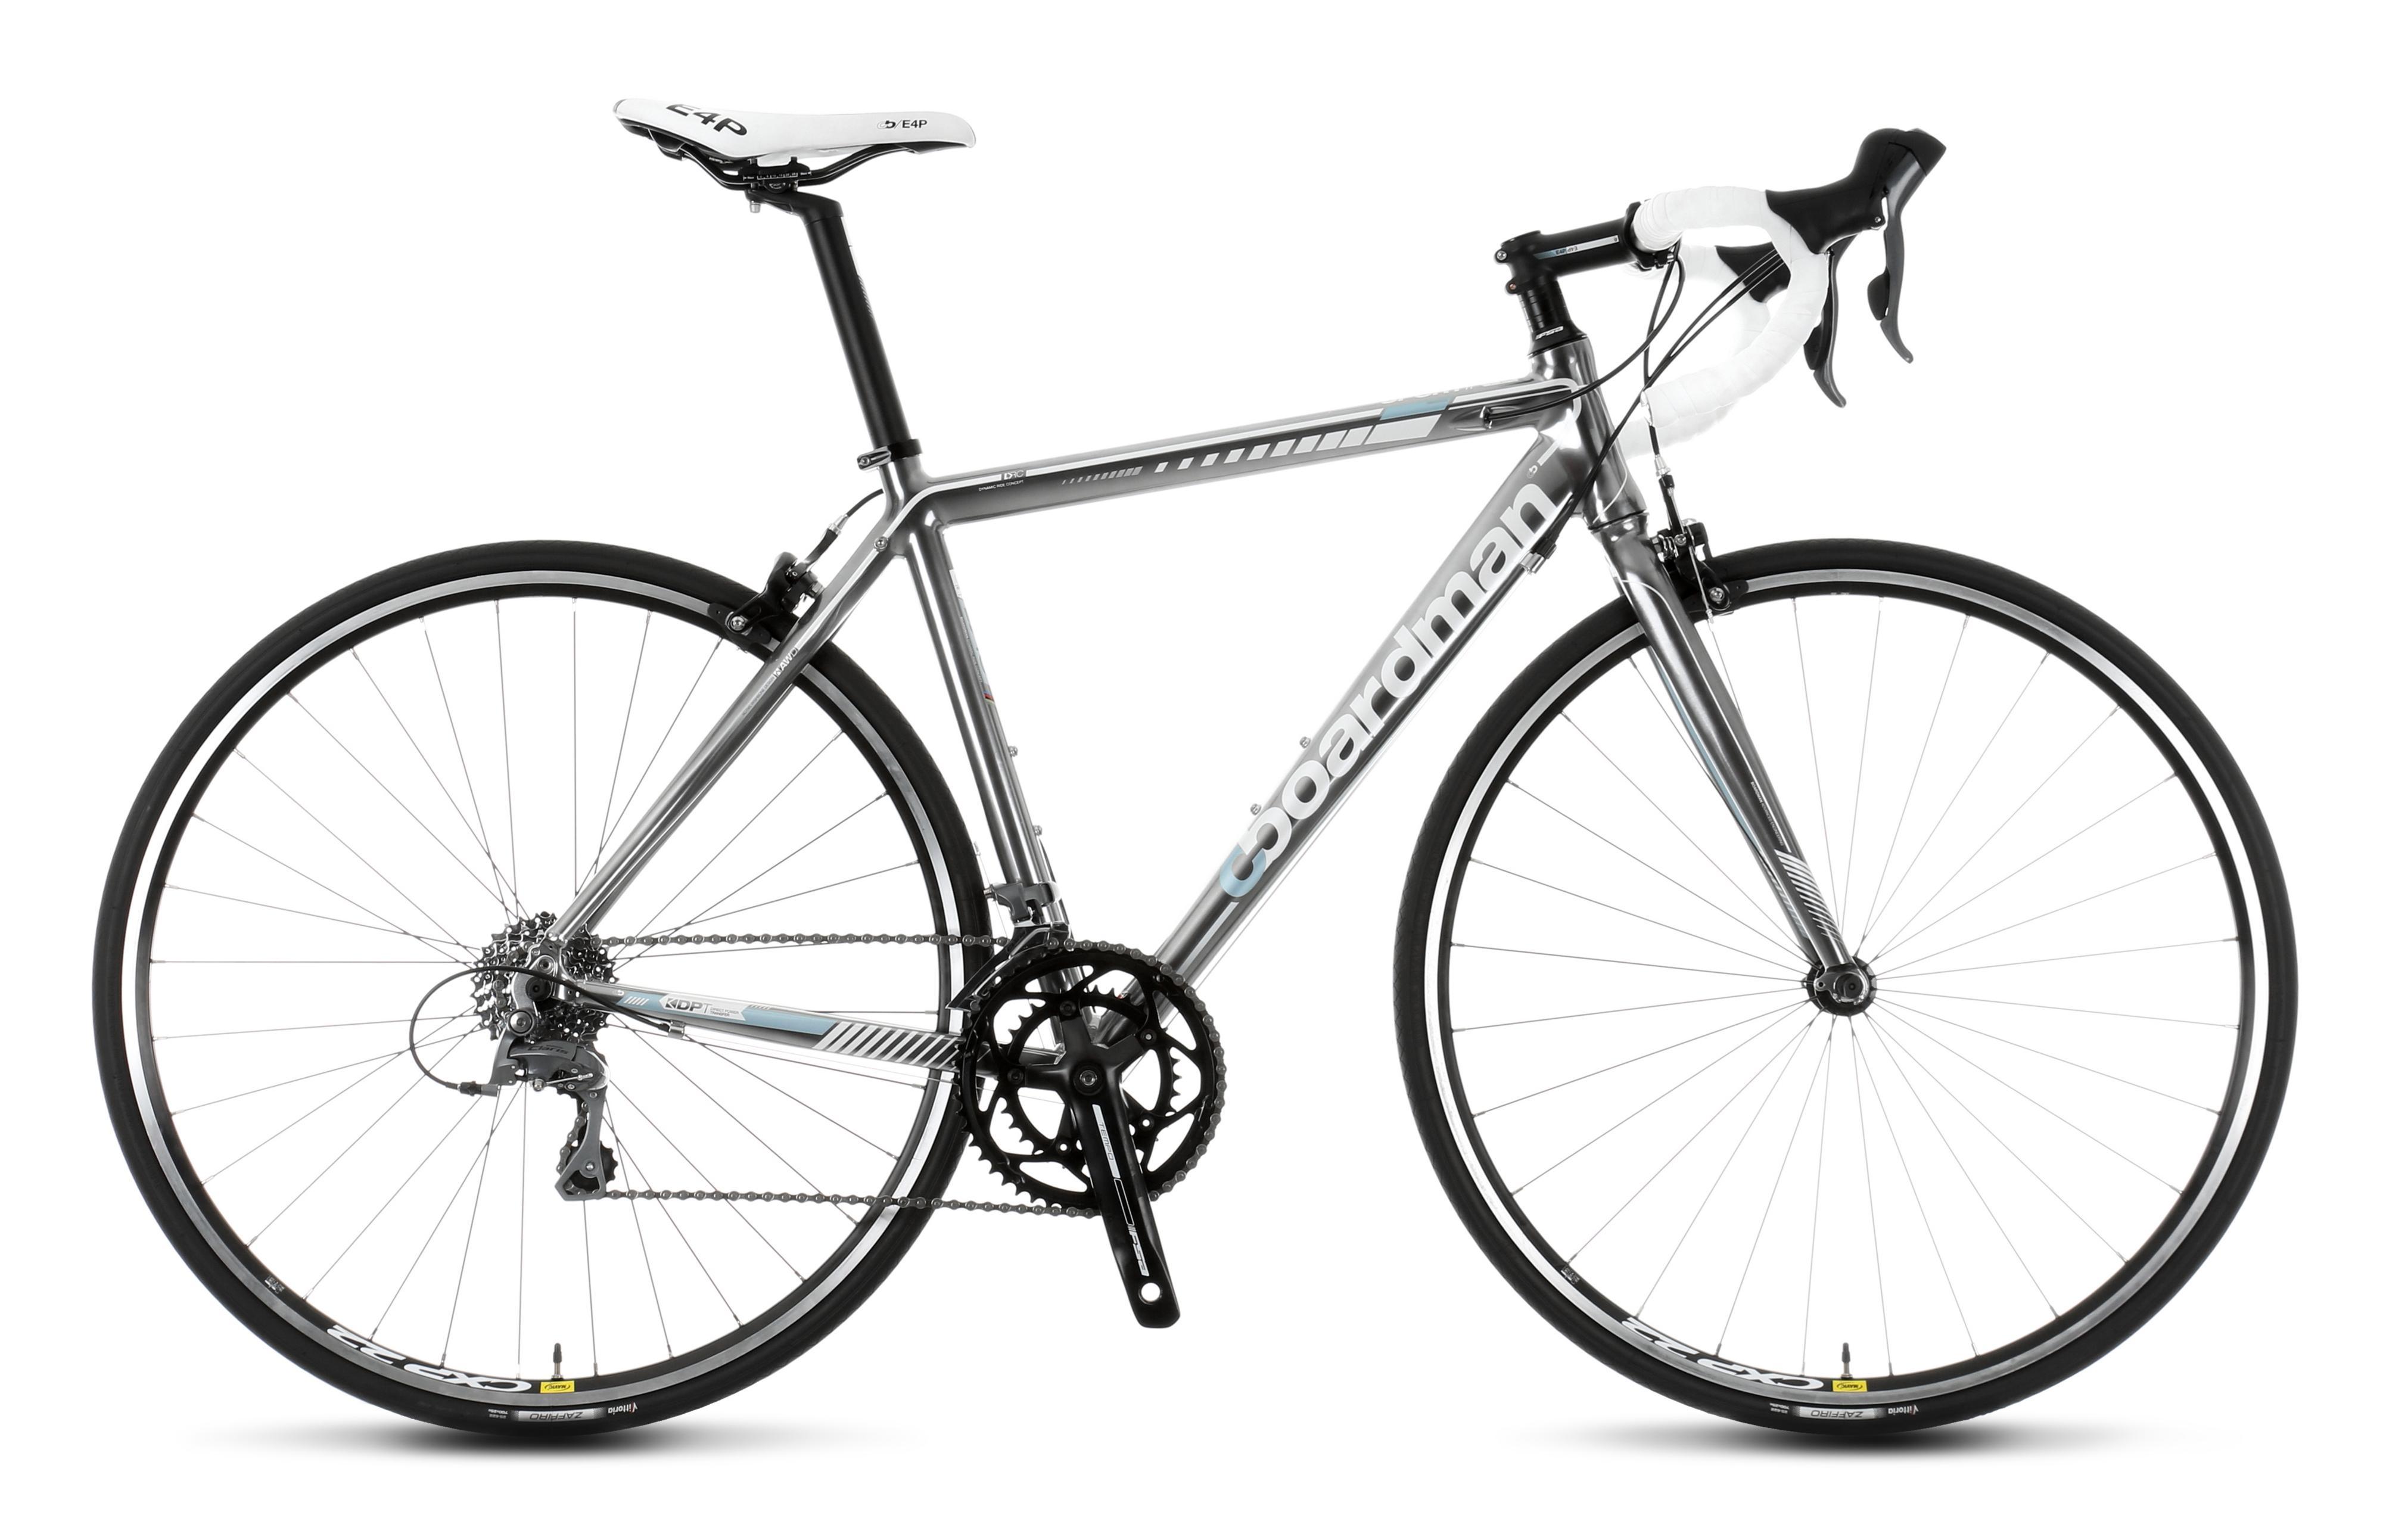 Boardman Road Sport Womens Fi Bike 2014 700c Wheels 16 Gears